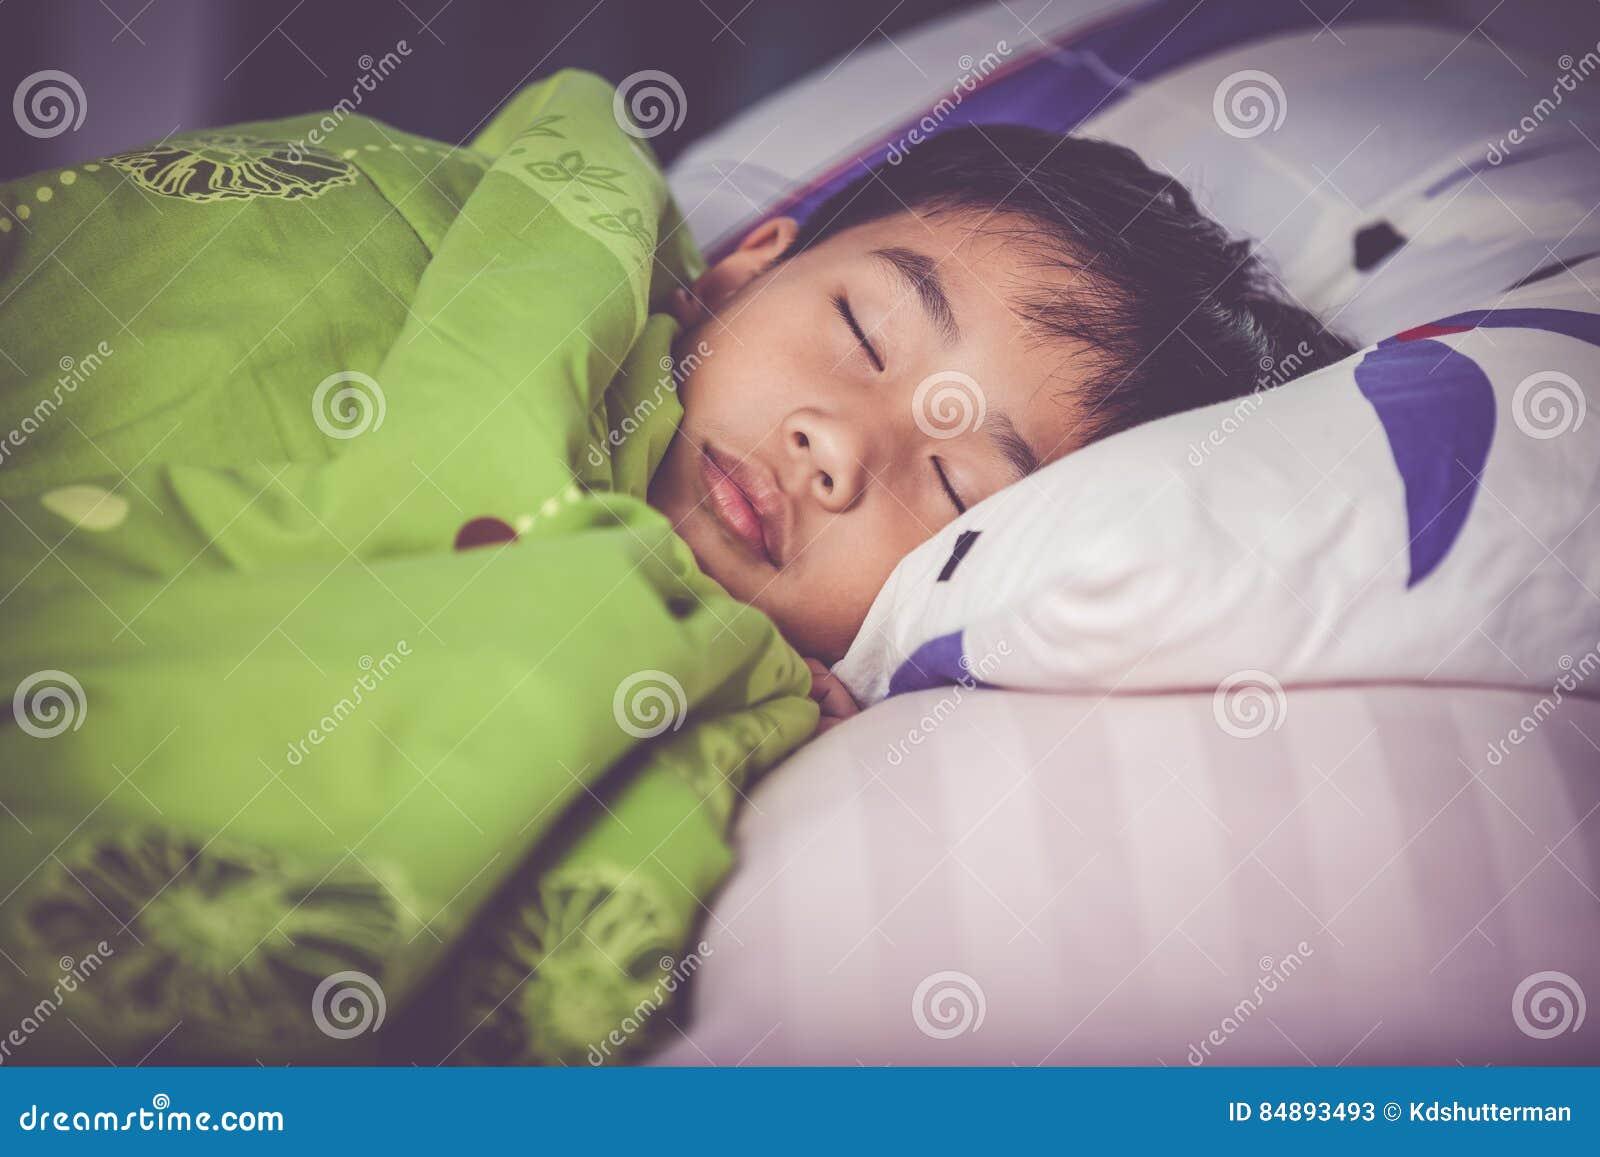 Gesundes Kind Kleiner Asiatischer Junge, Der Friedlich Auf Bett ...